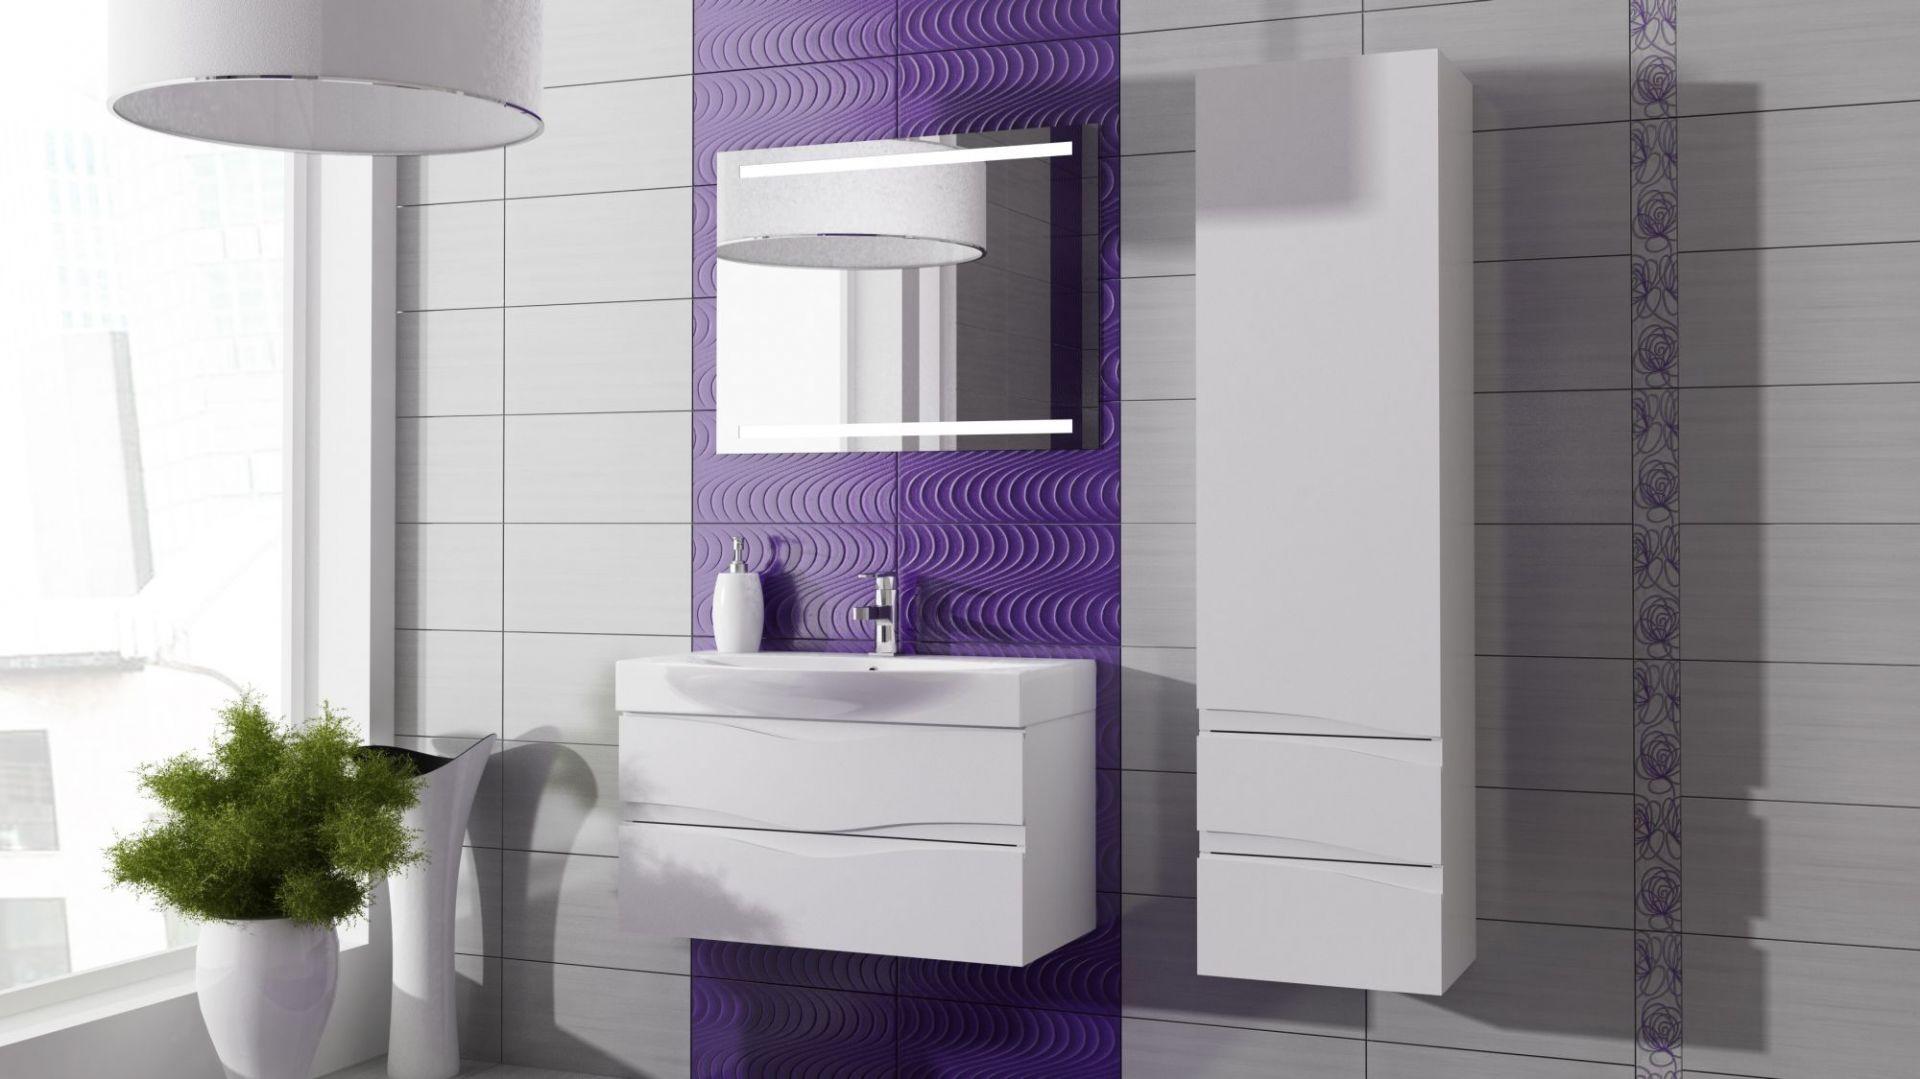 Łazienka w stylu marynistycznym. Fot. Coram